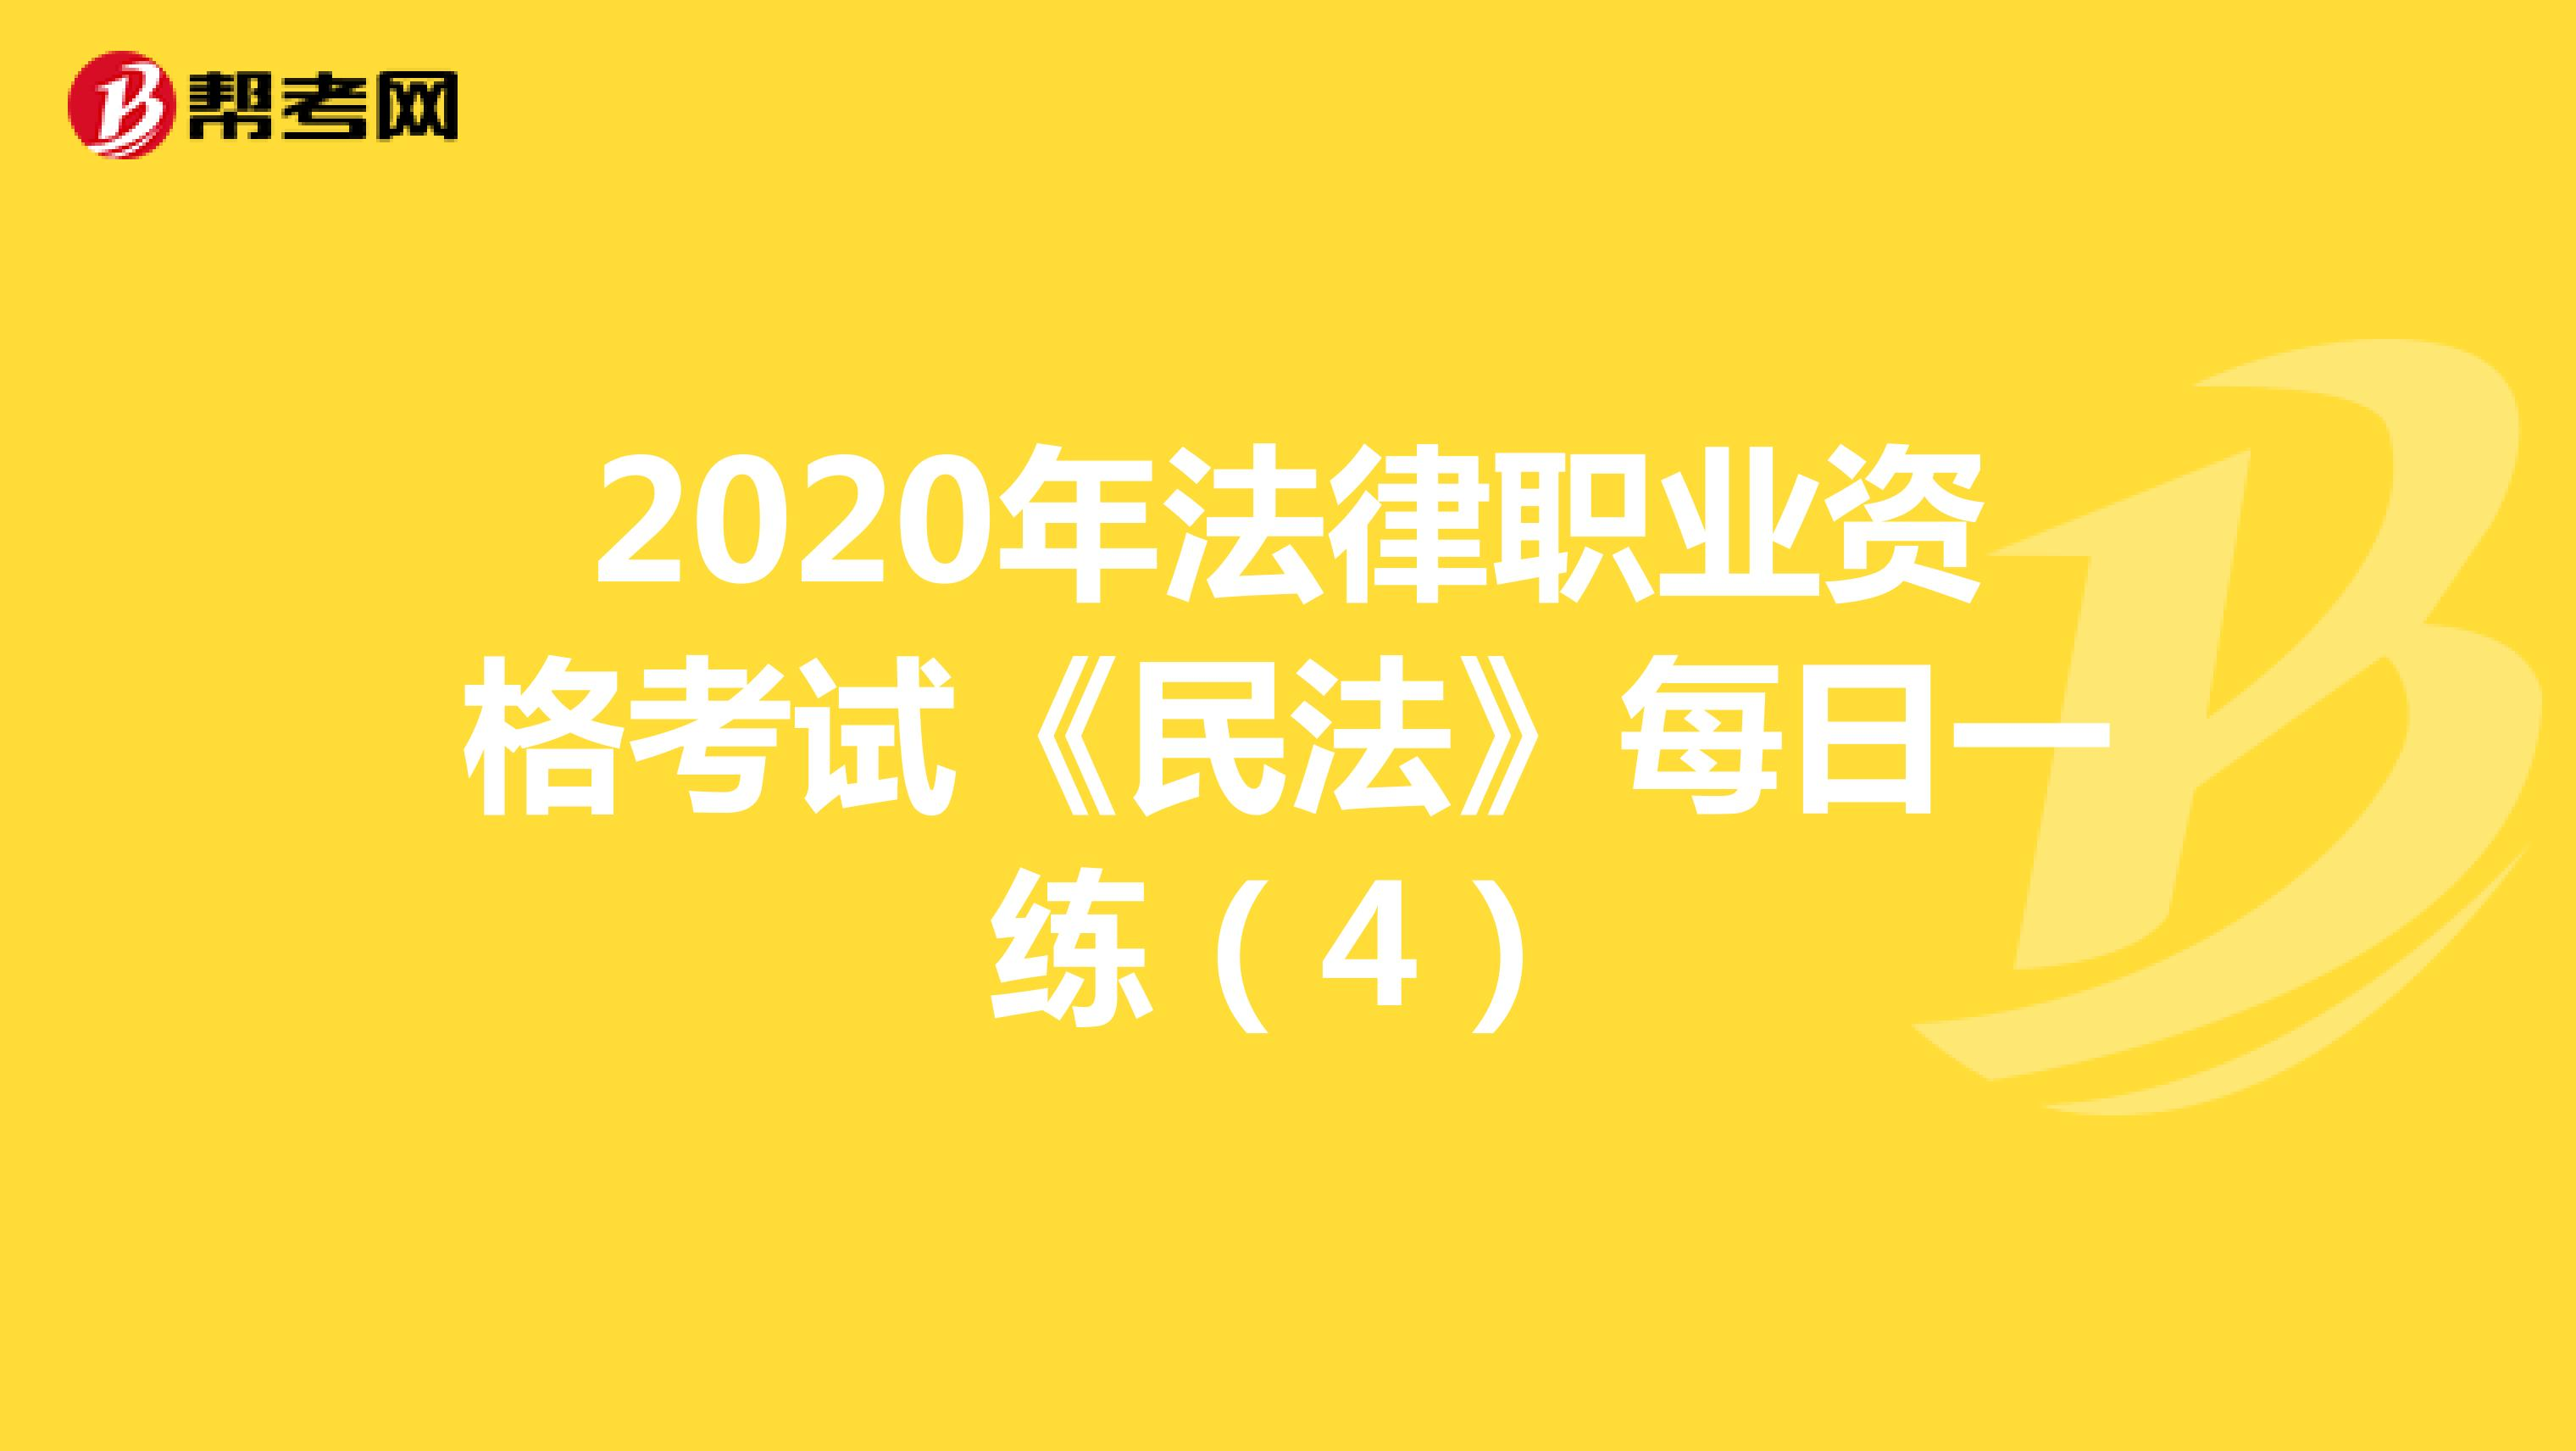 2020年法律职业资格考试《民法》每日一练(4)